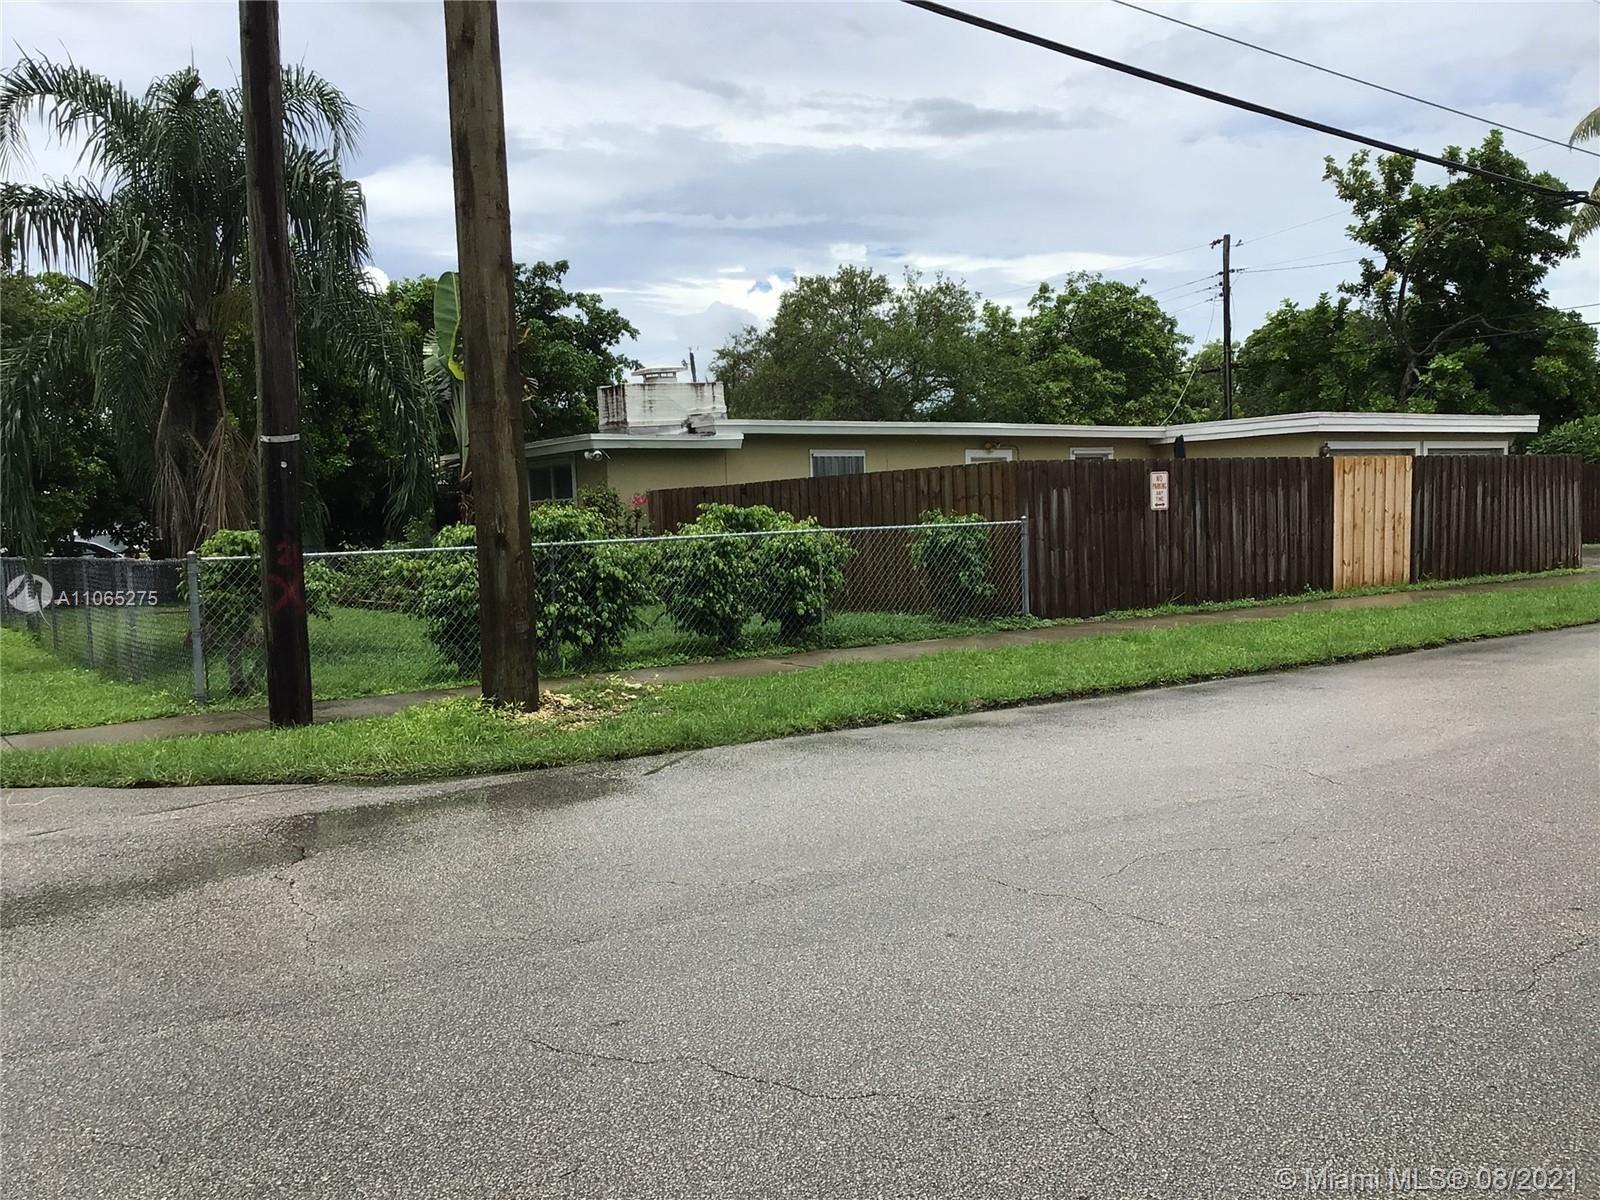 6240 Funston St, Hollywood, FL 33023 - #: A11065275